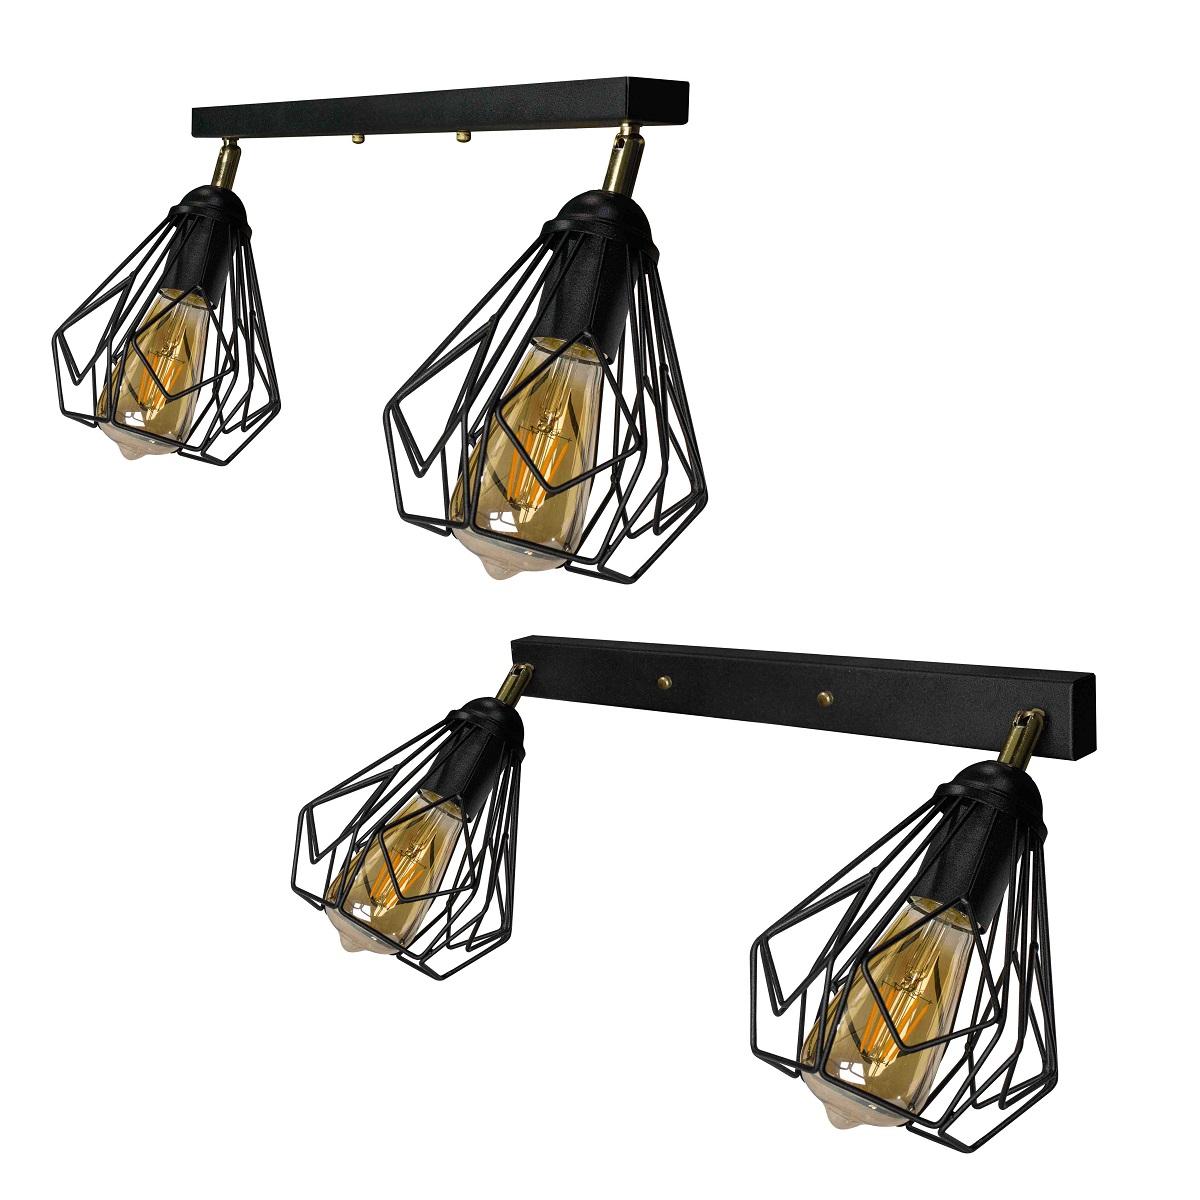 Светильники ЛОФТ - Люстра лофт потолочная с поворотным плафоном 000002782 - Фото 2